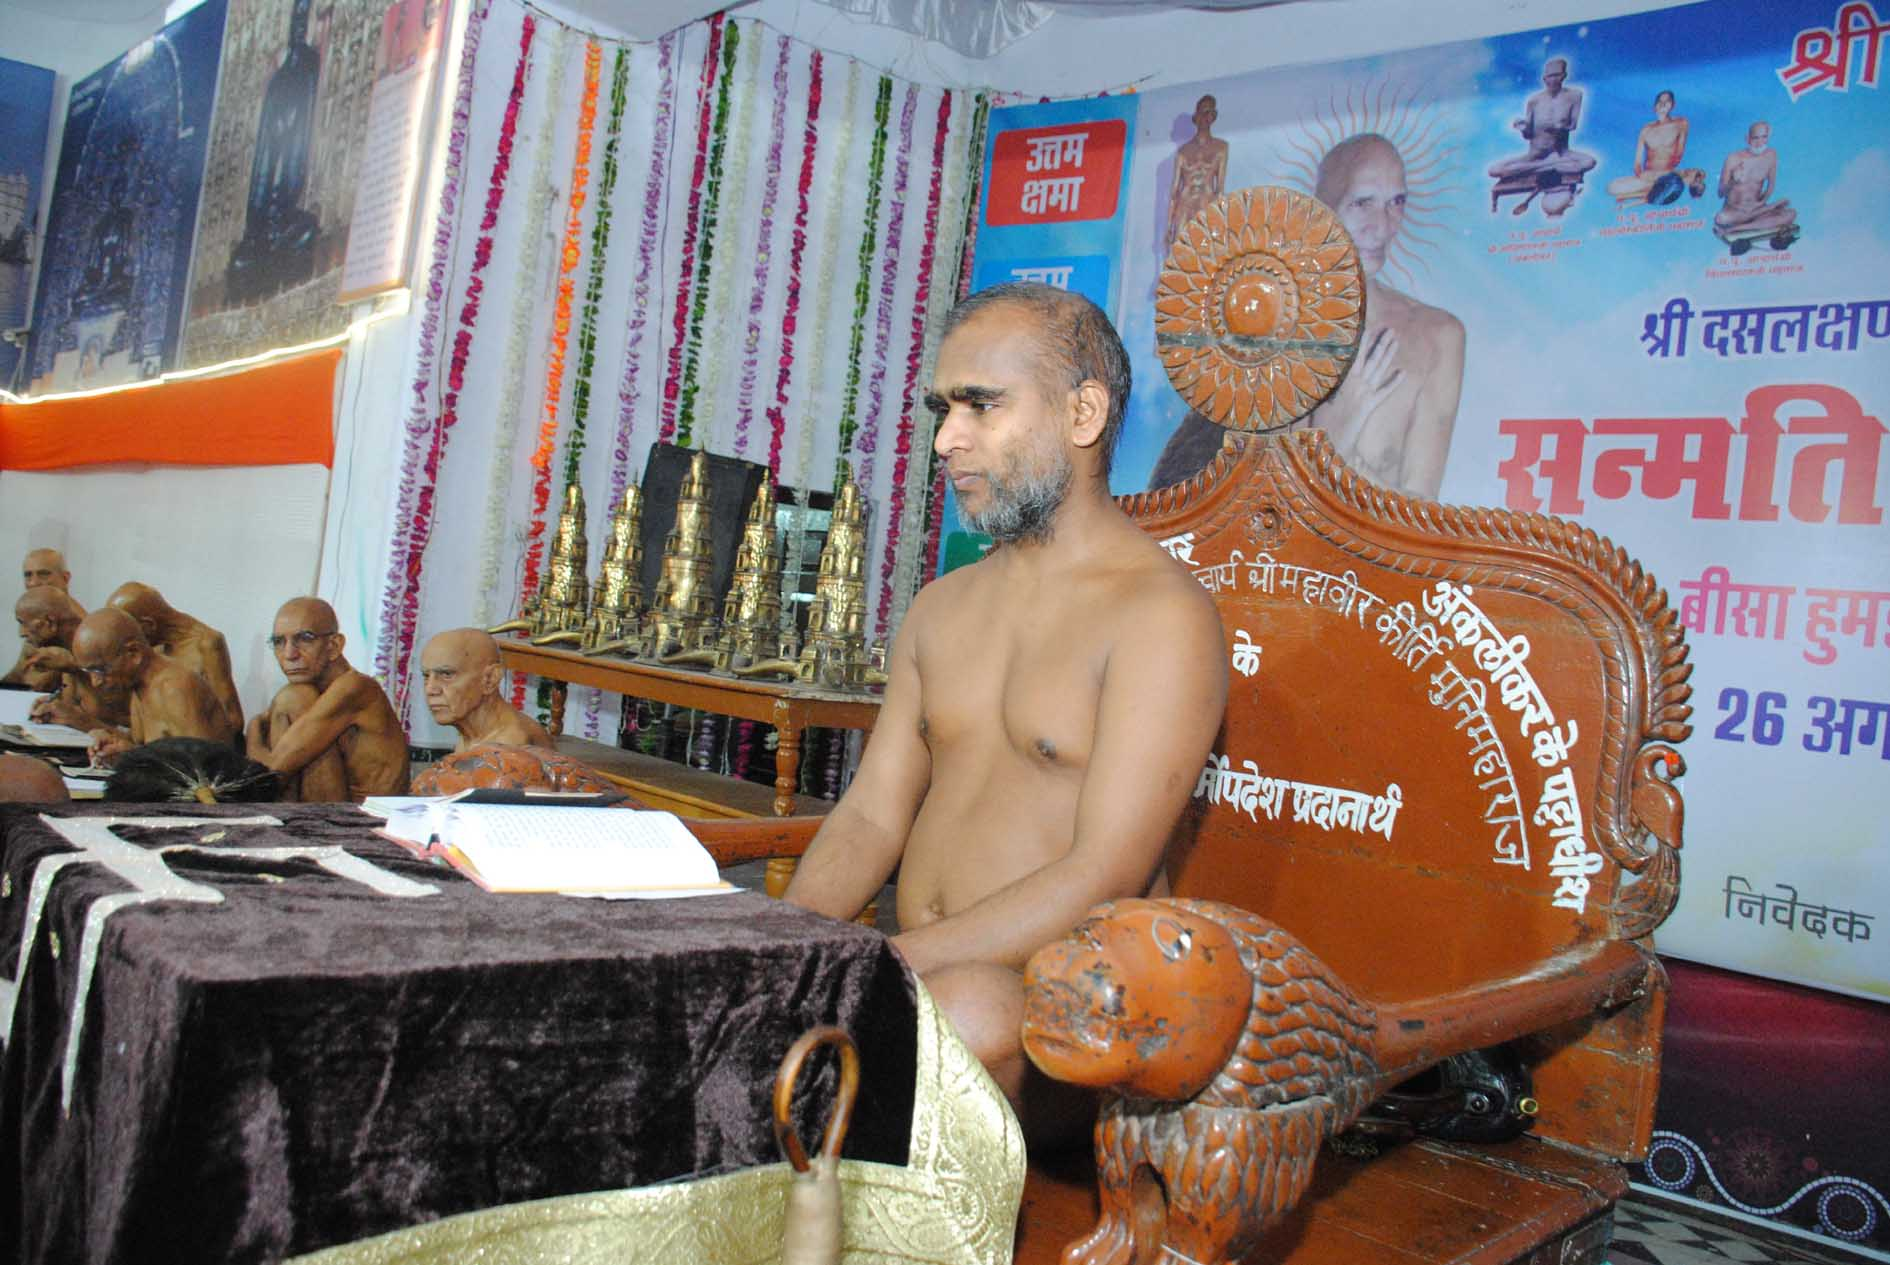 दस लक्षण पर्व के चोथे दिन मनाया उत्तम शौच धर्म दिवस